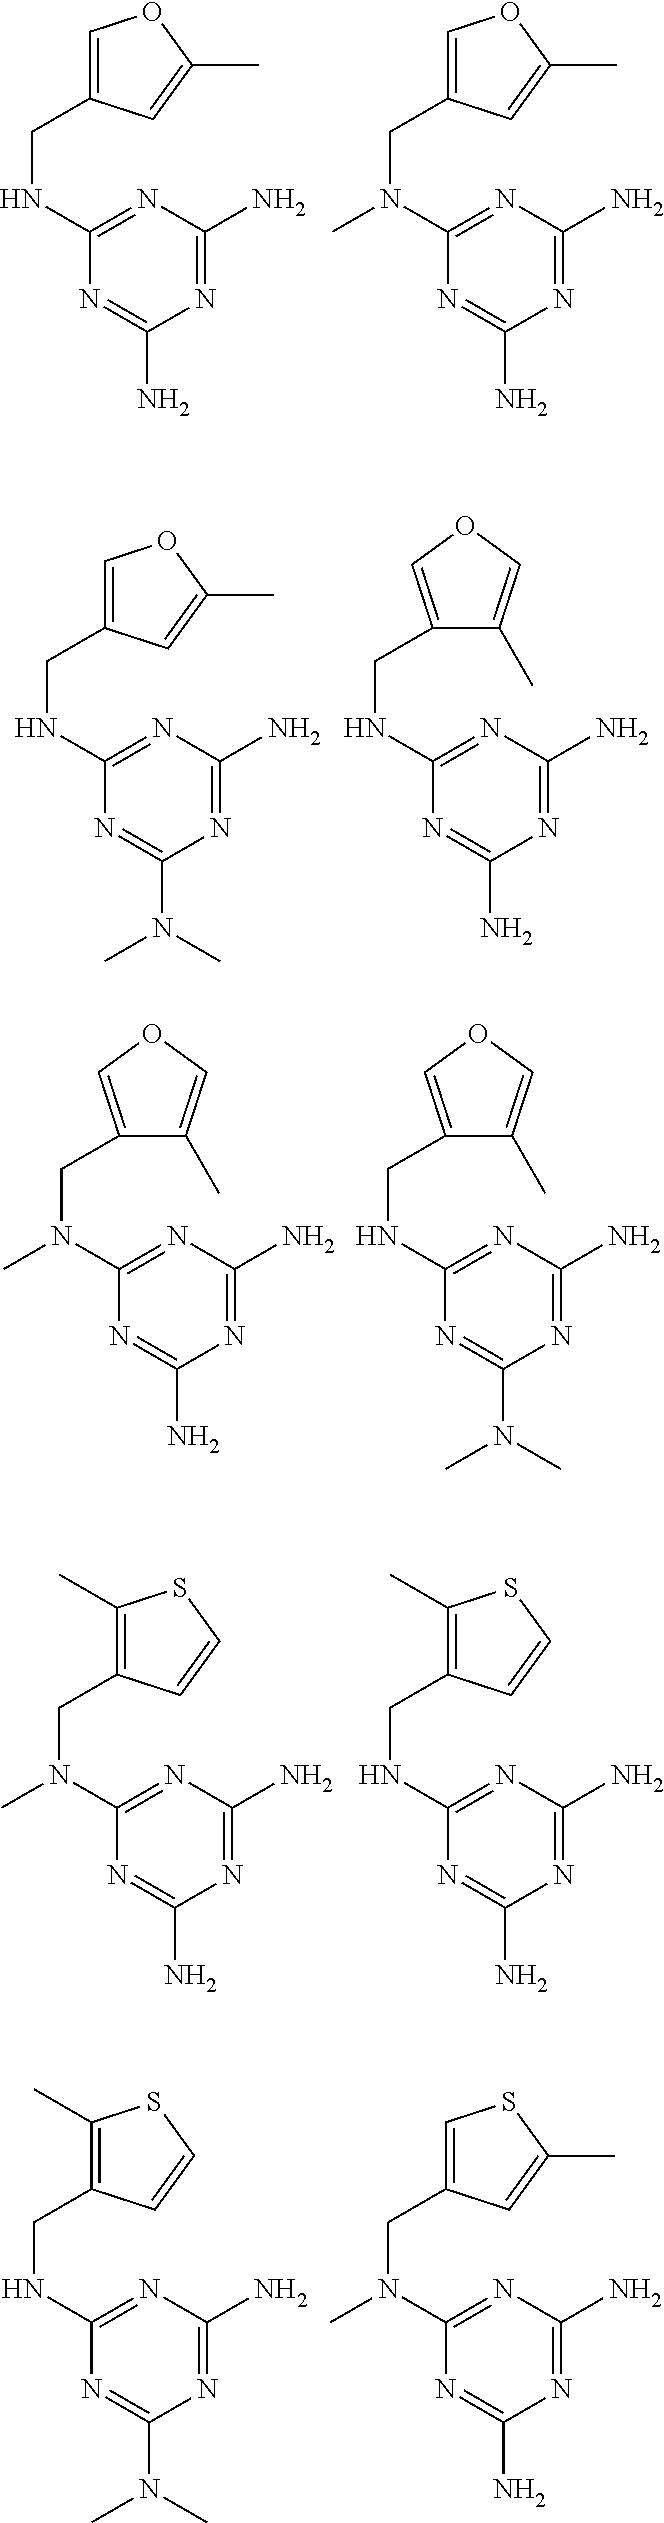 Figure US09480663-20161101-C00137